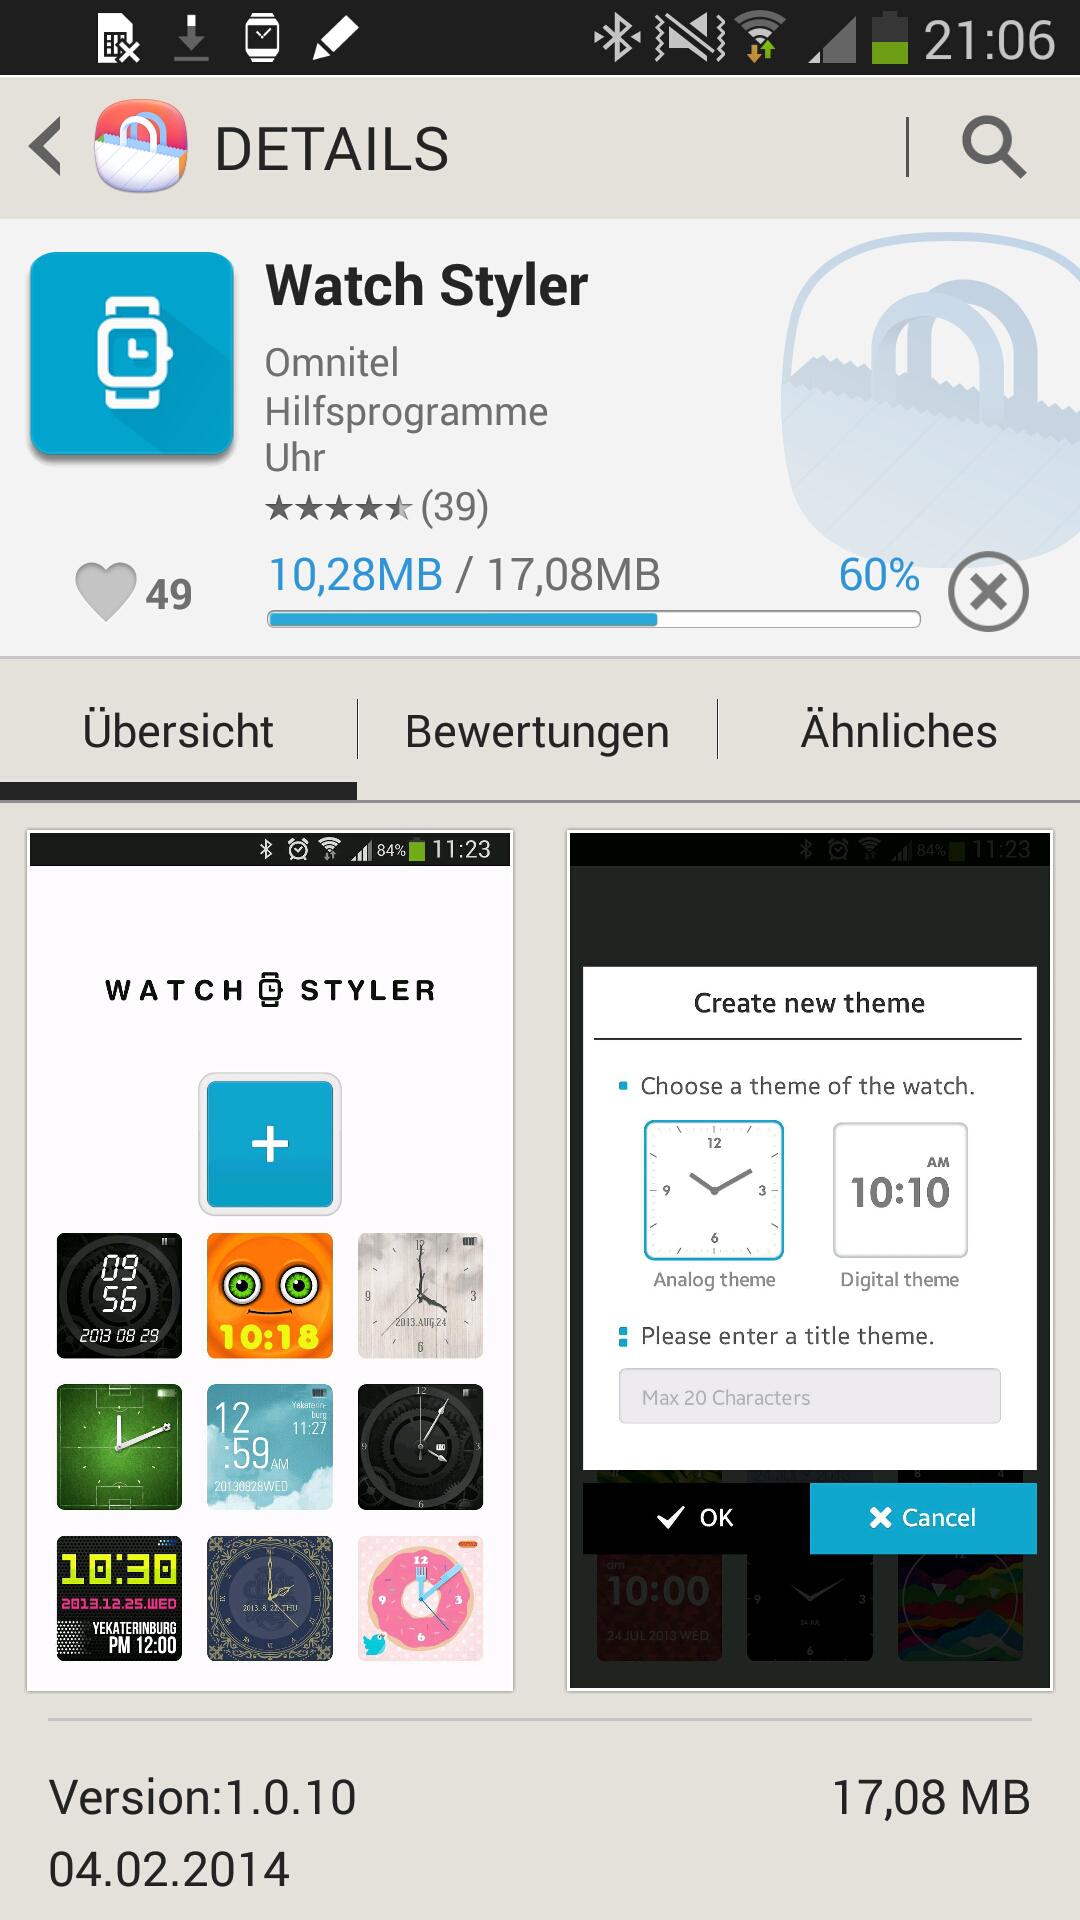 watchstyler-app